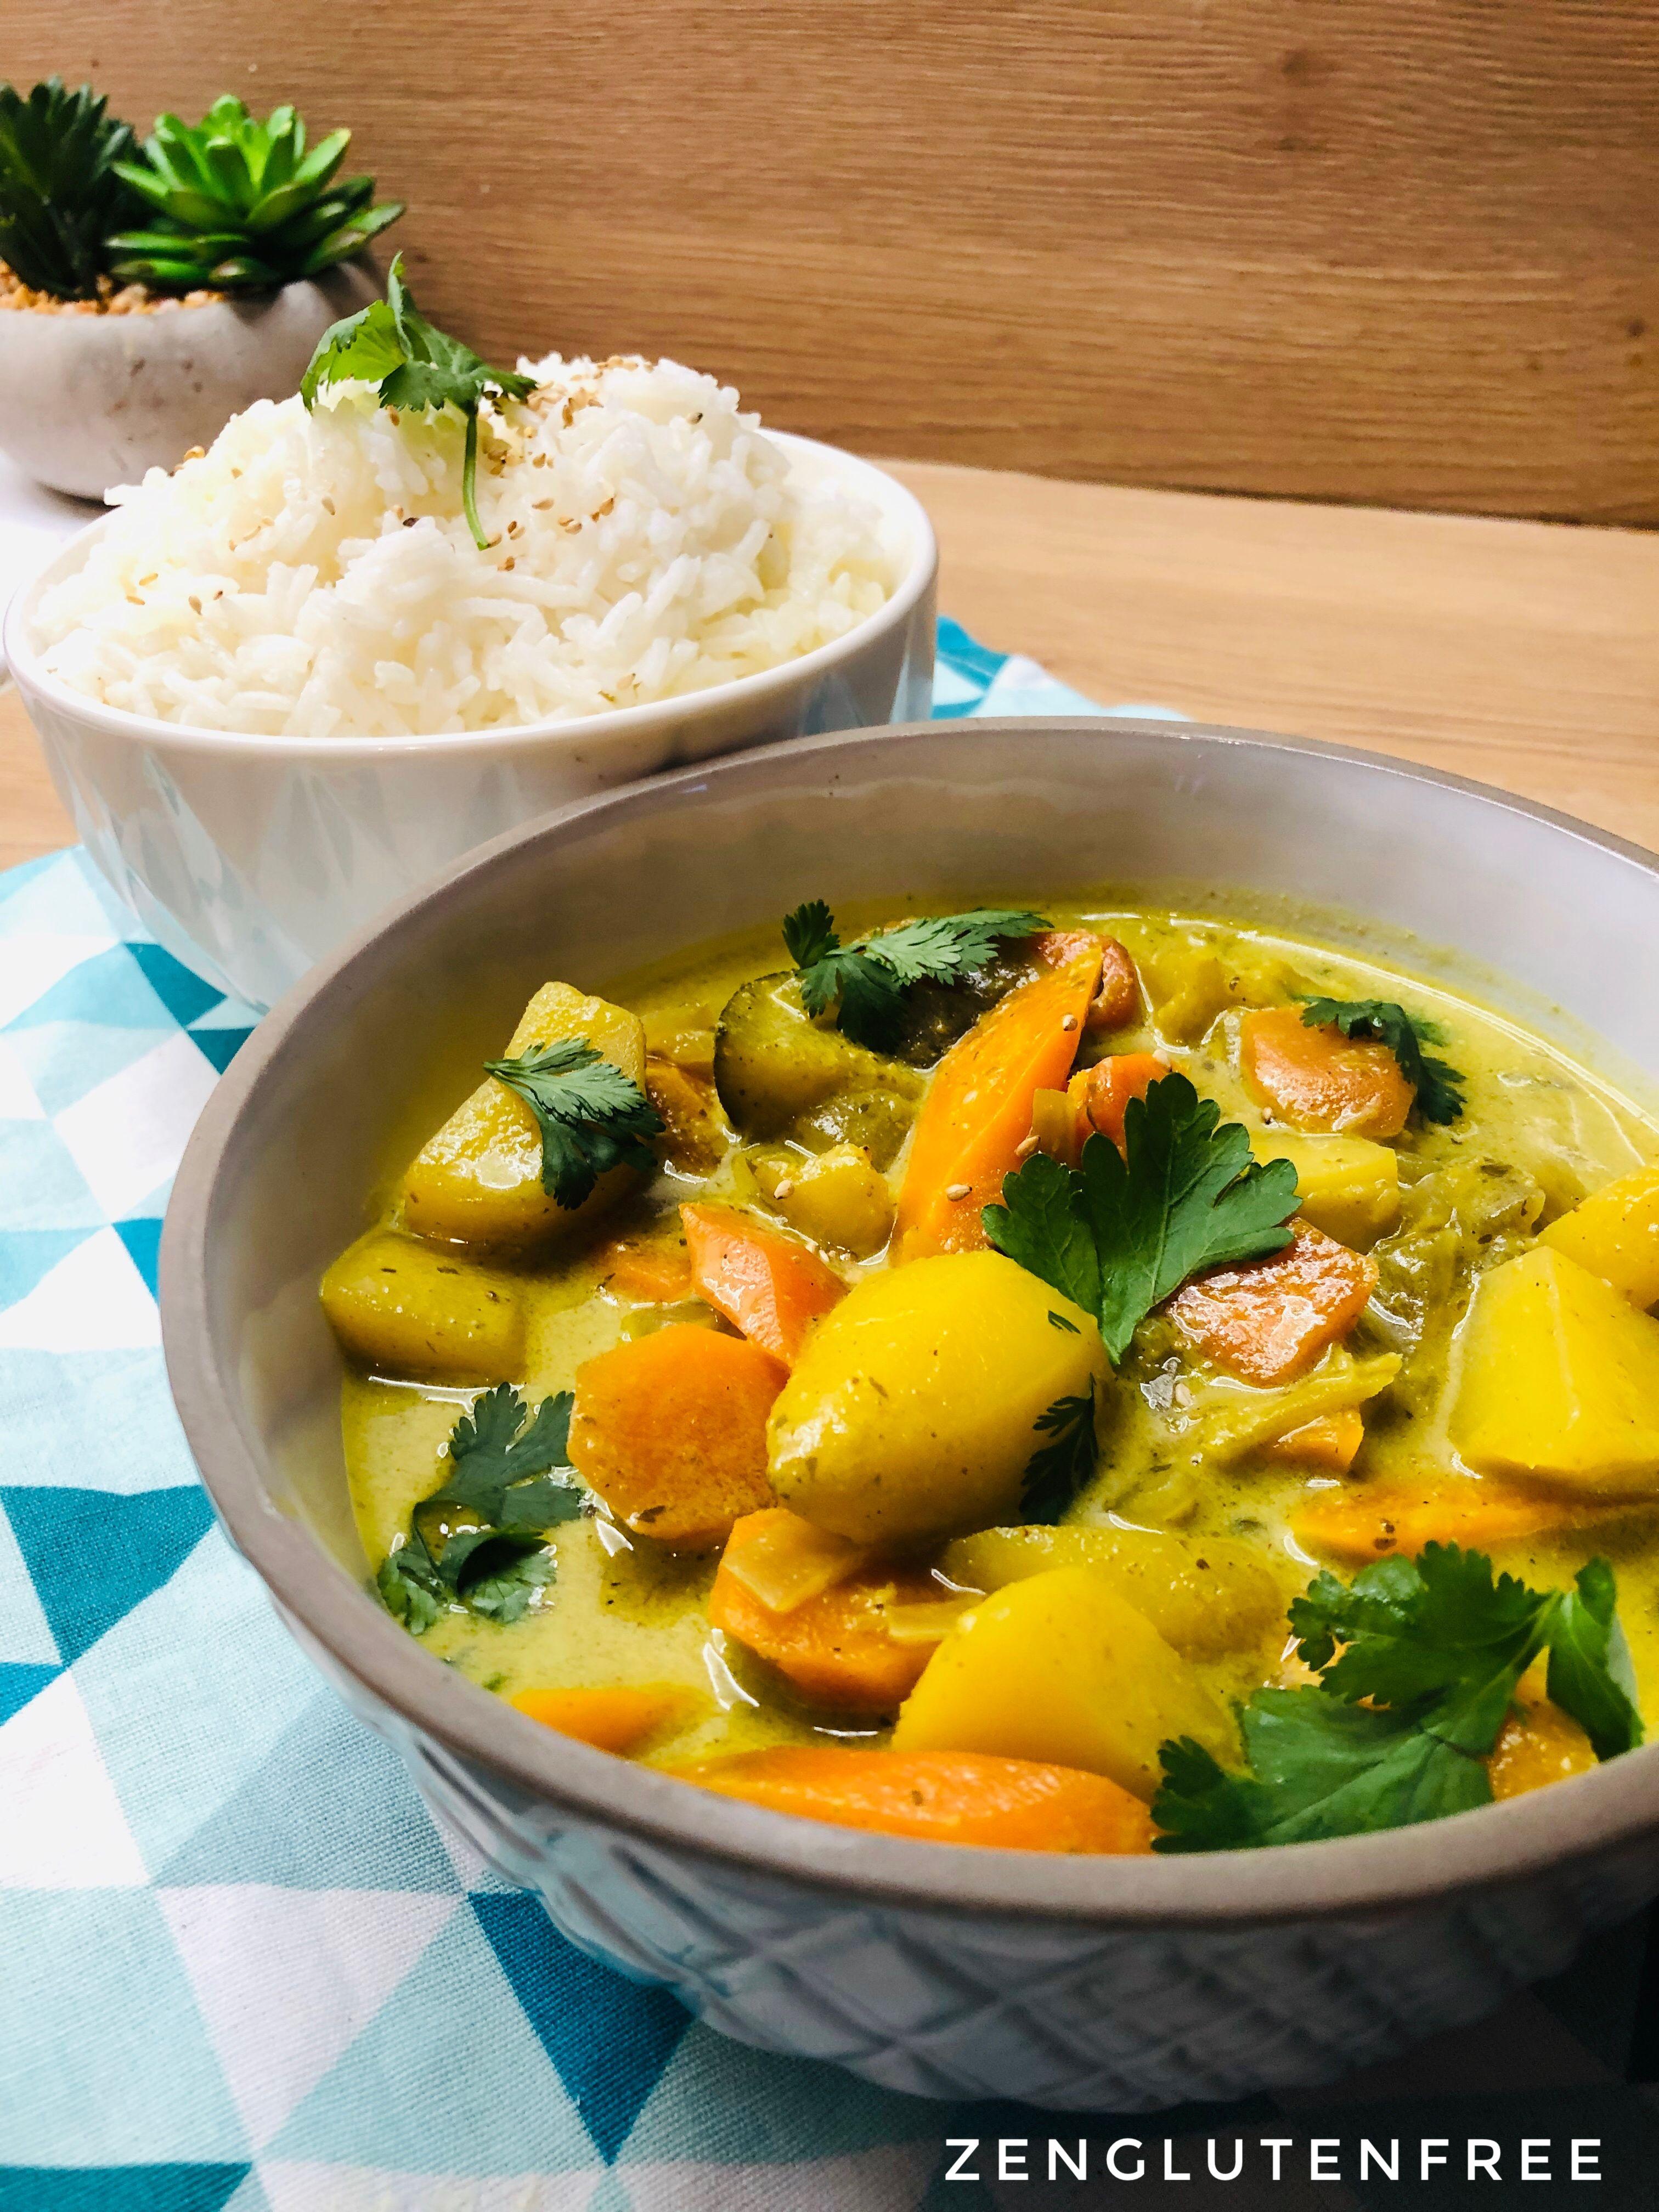 Colombo Vegan | Recette végétarienne rapide, Recette plat végétarien, Ragoût végétarien